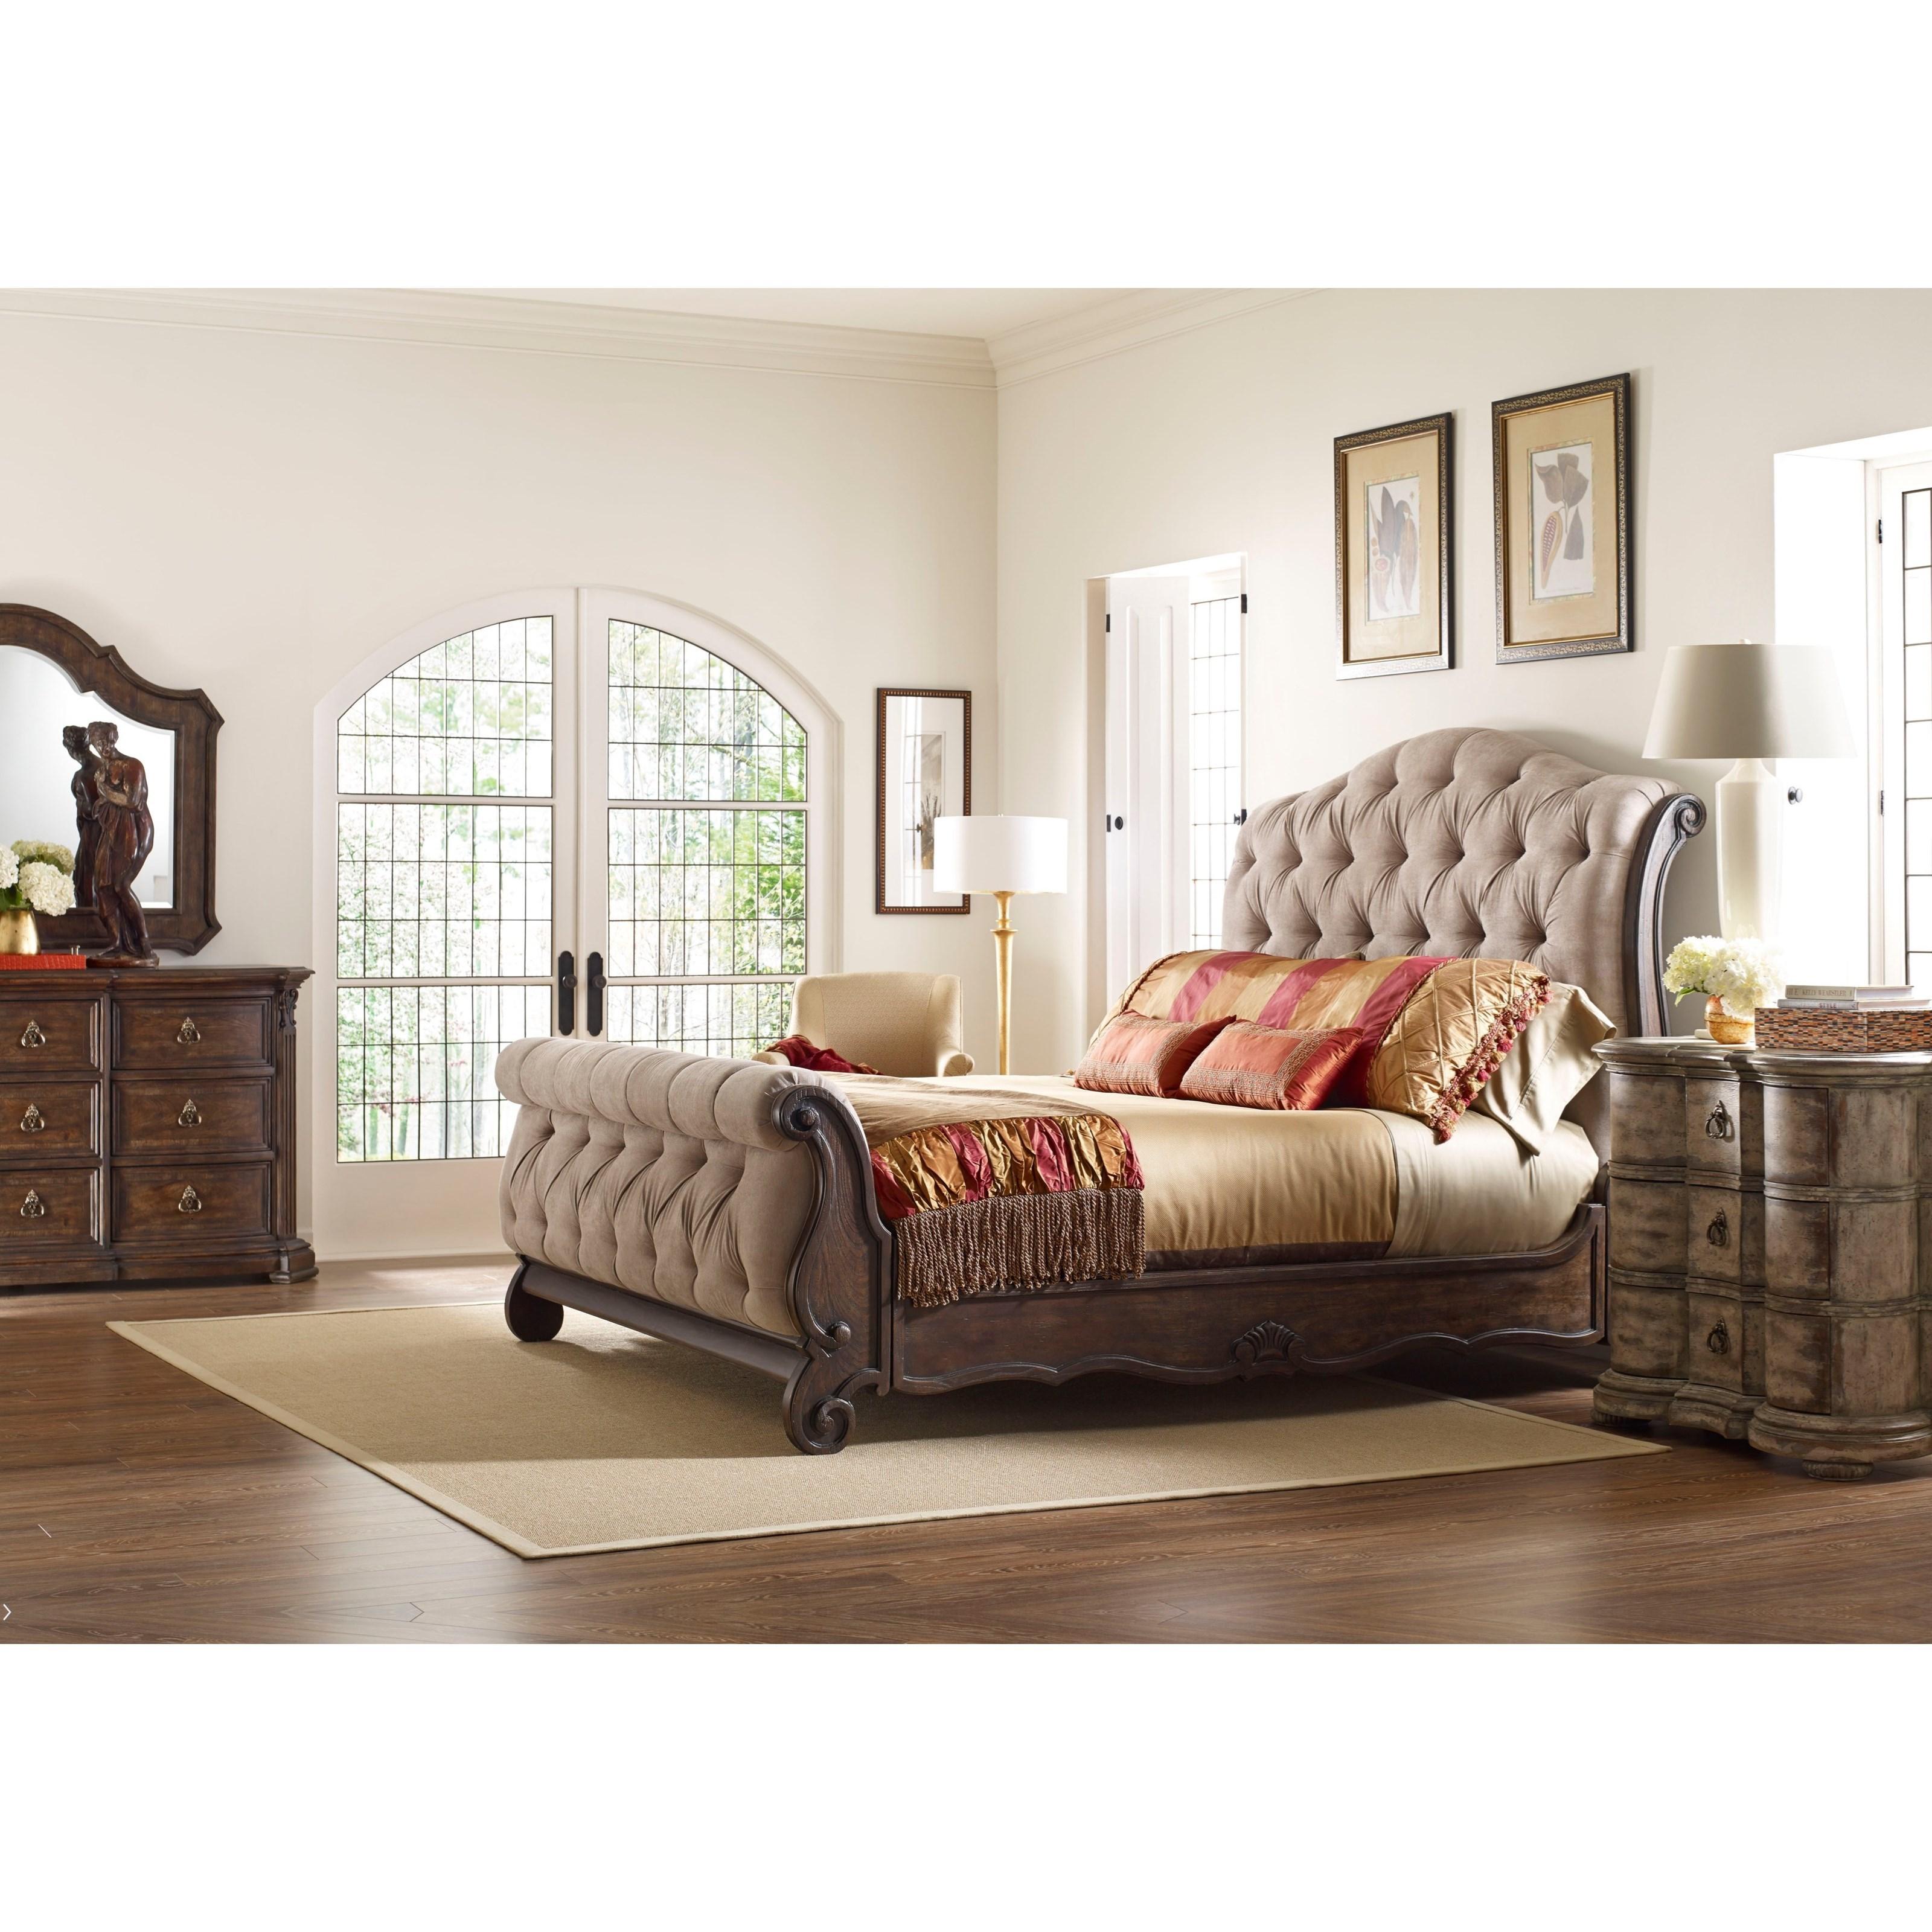 Casa Veneto Queen Bedroom Group By Thomasville®